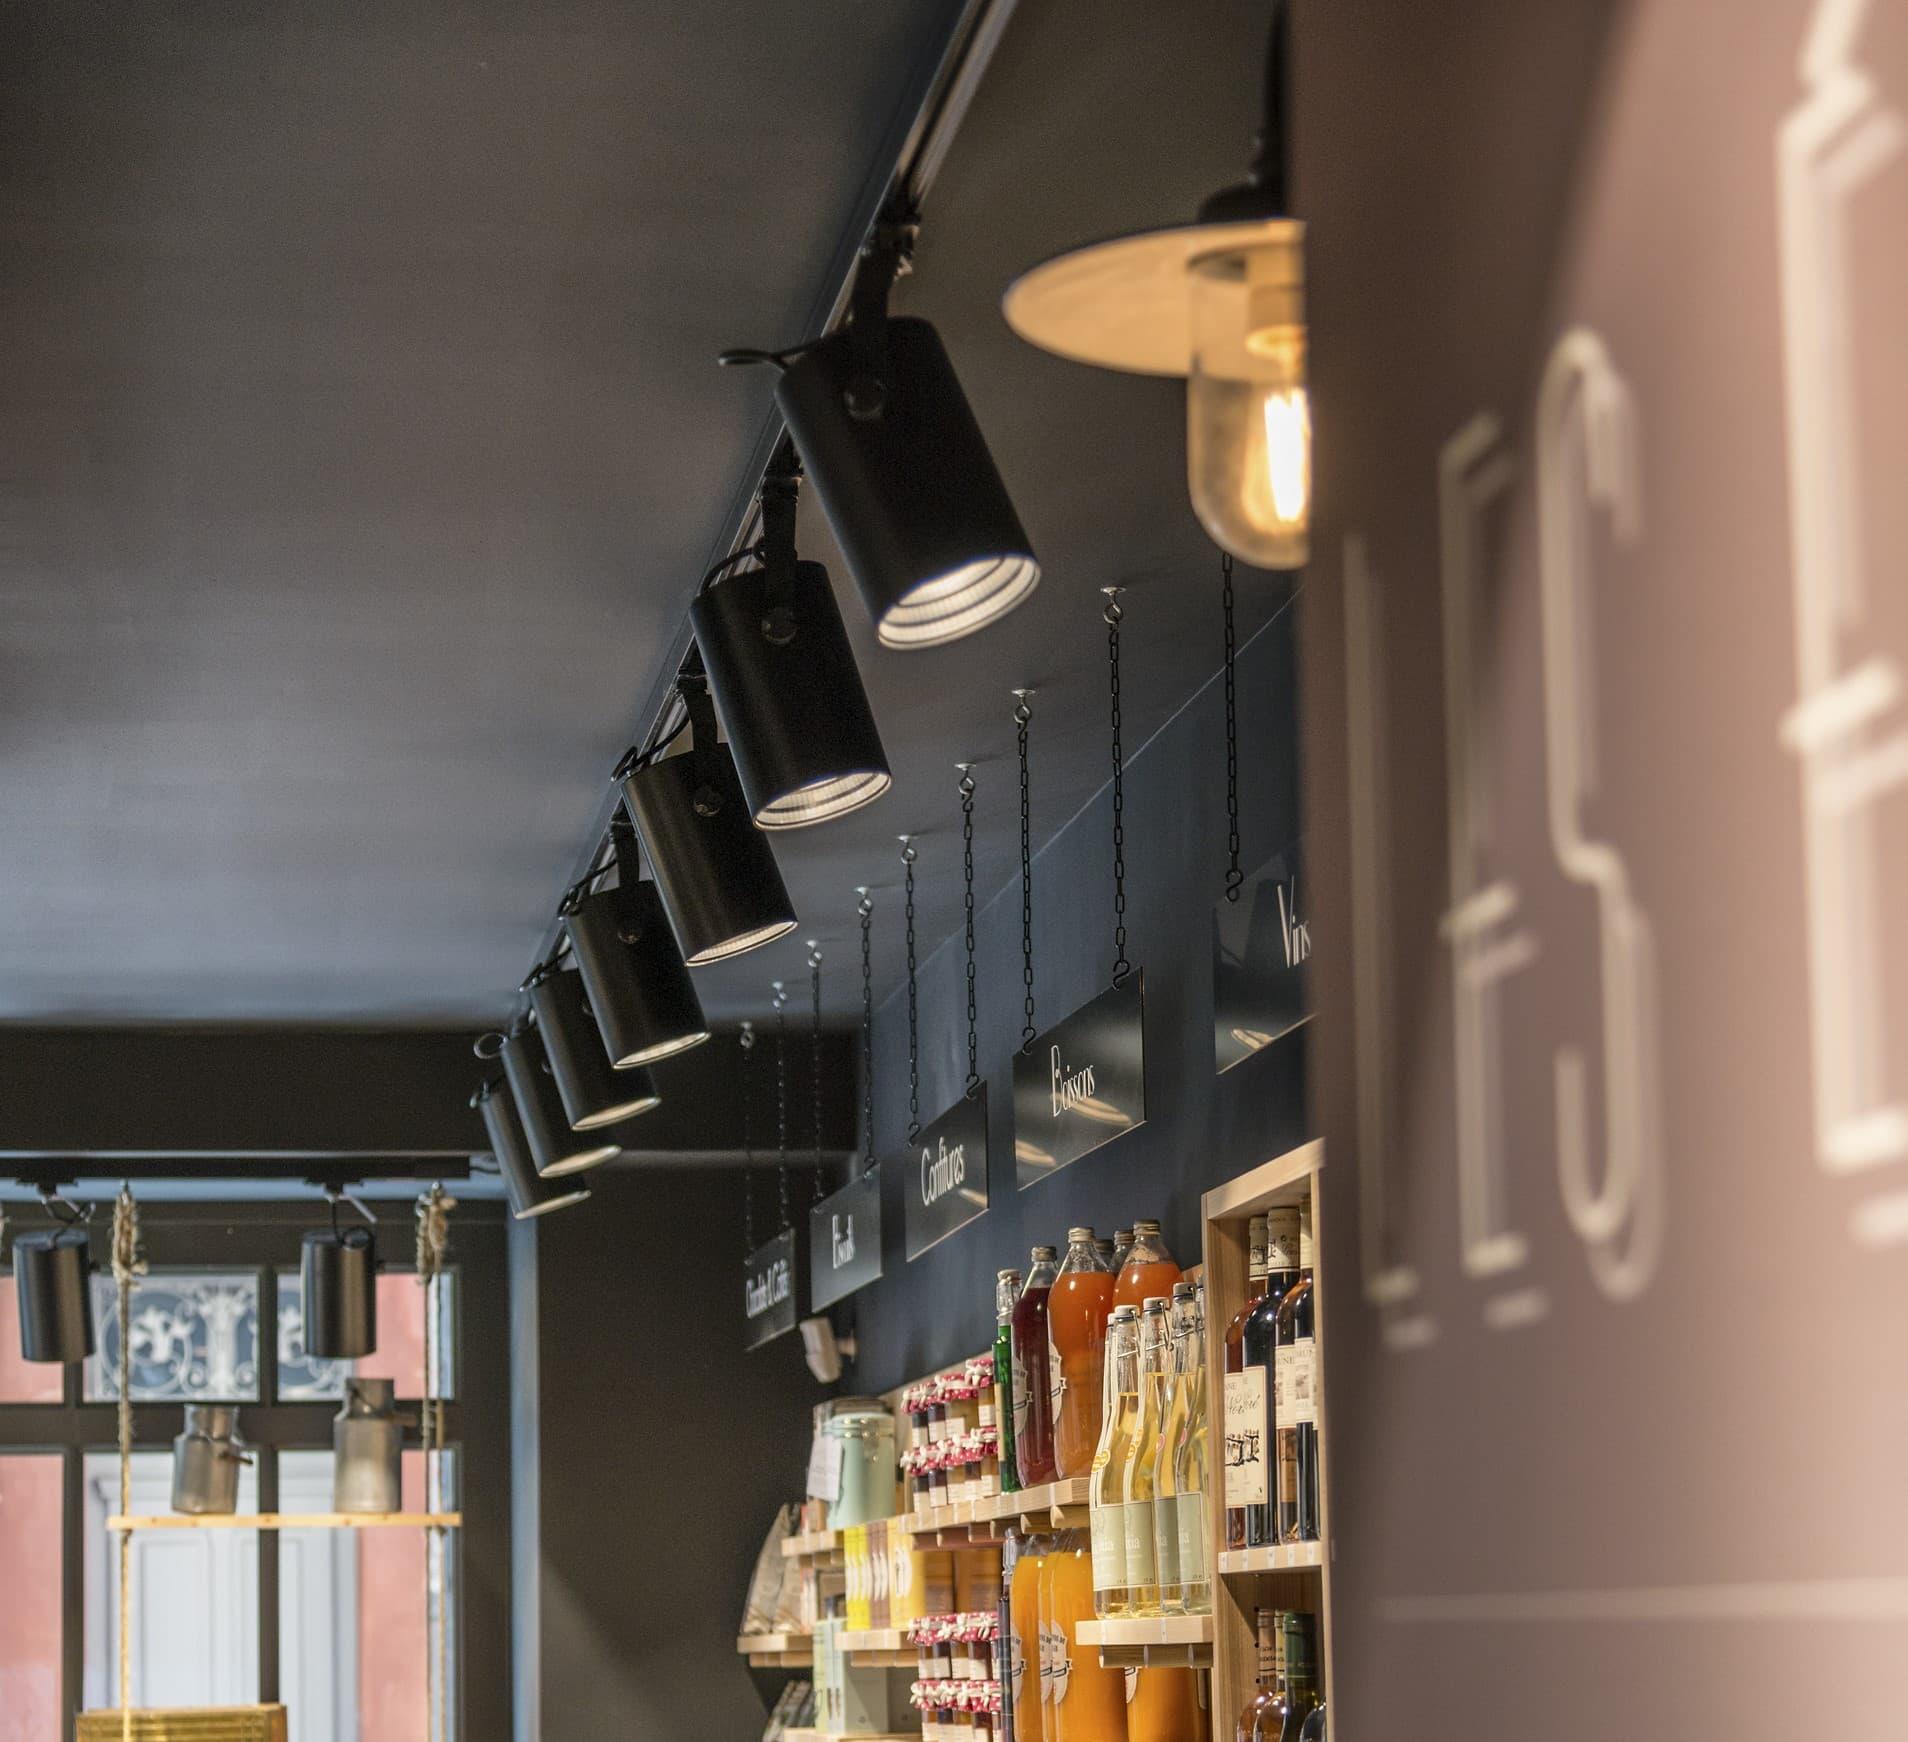 Alignement de spots sur rails magnétique dans restaurant et épicerie Les évadés